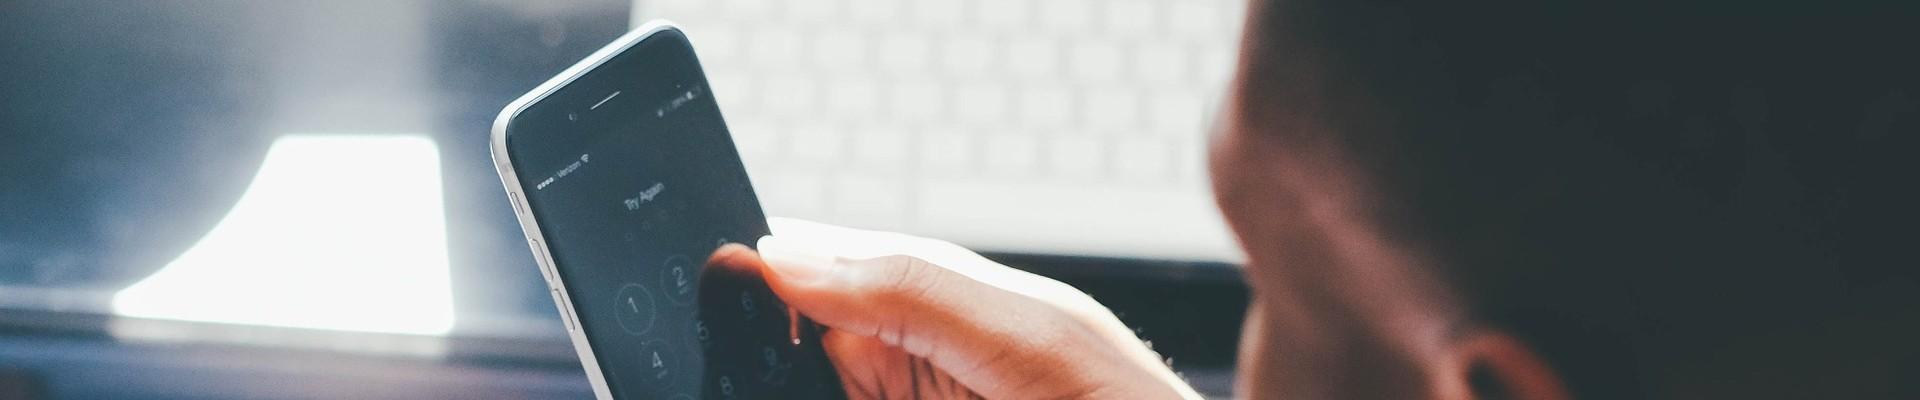 Smartfón a telefonovanie.